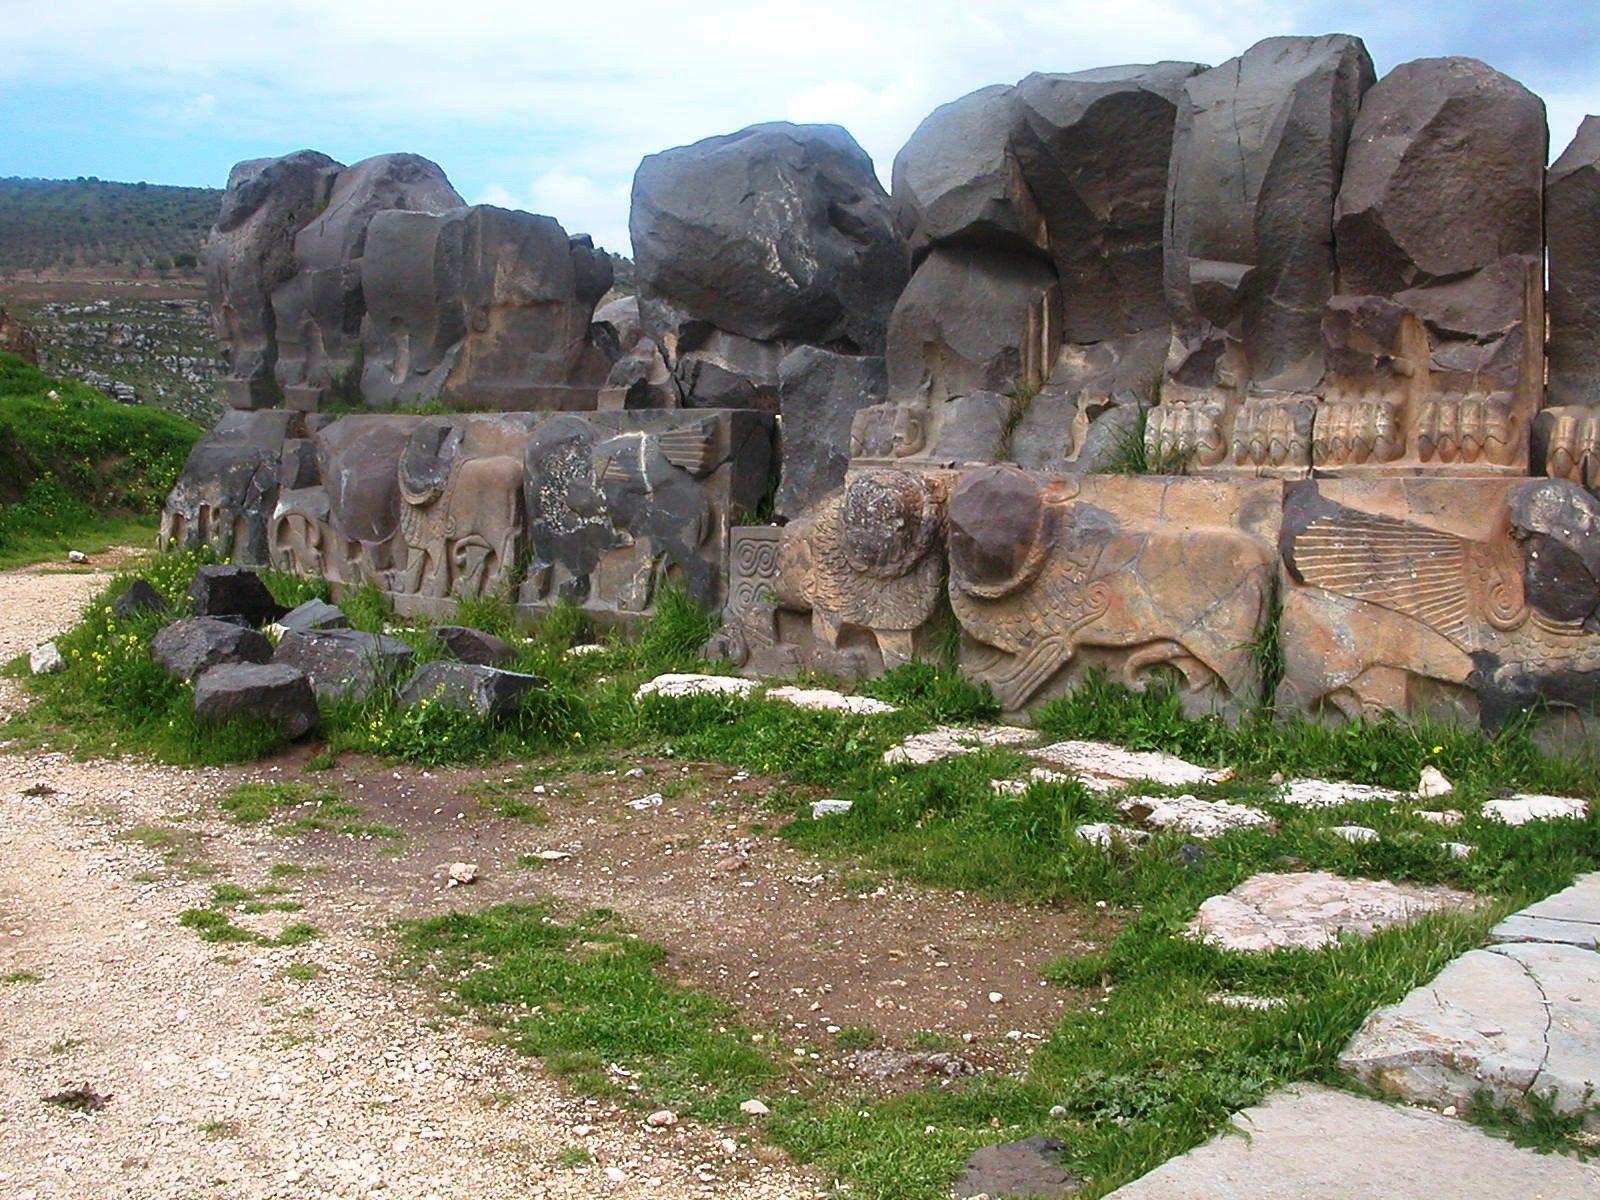 Syrie: un temple vieux de 3000 ans détruit par des bombardements turcs